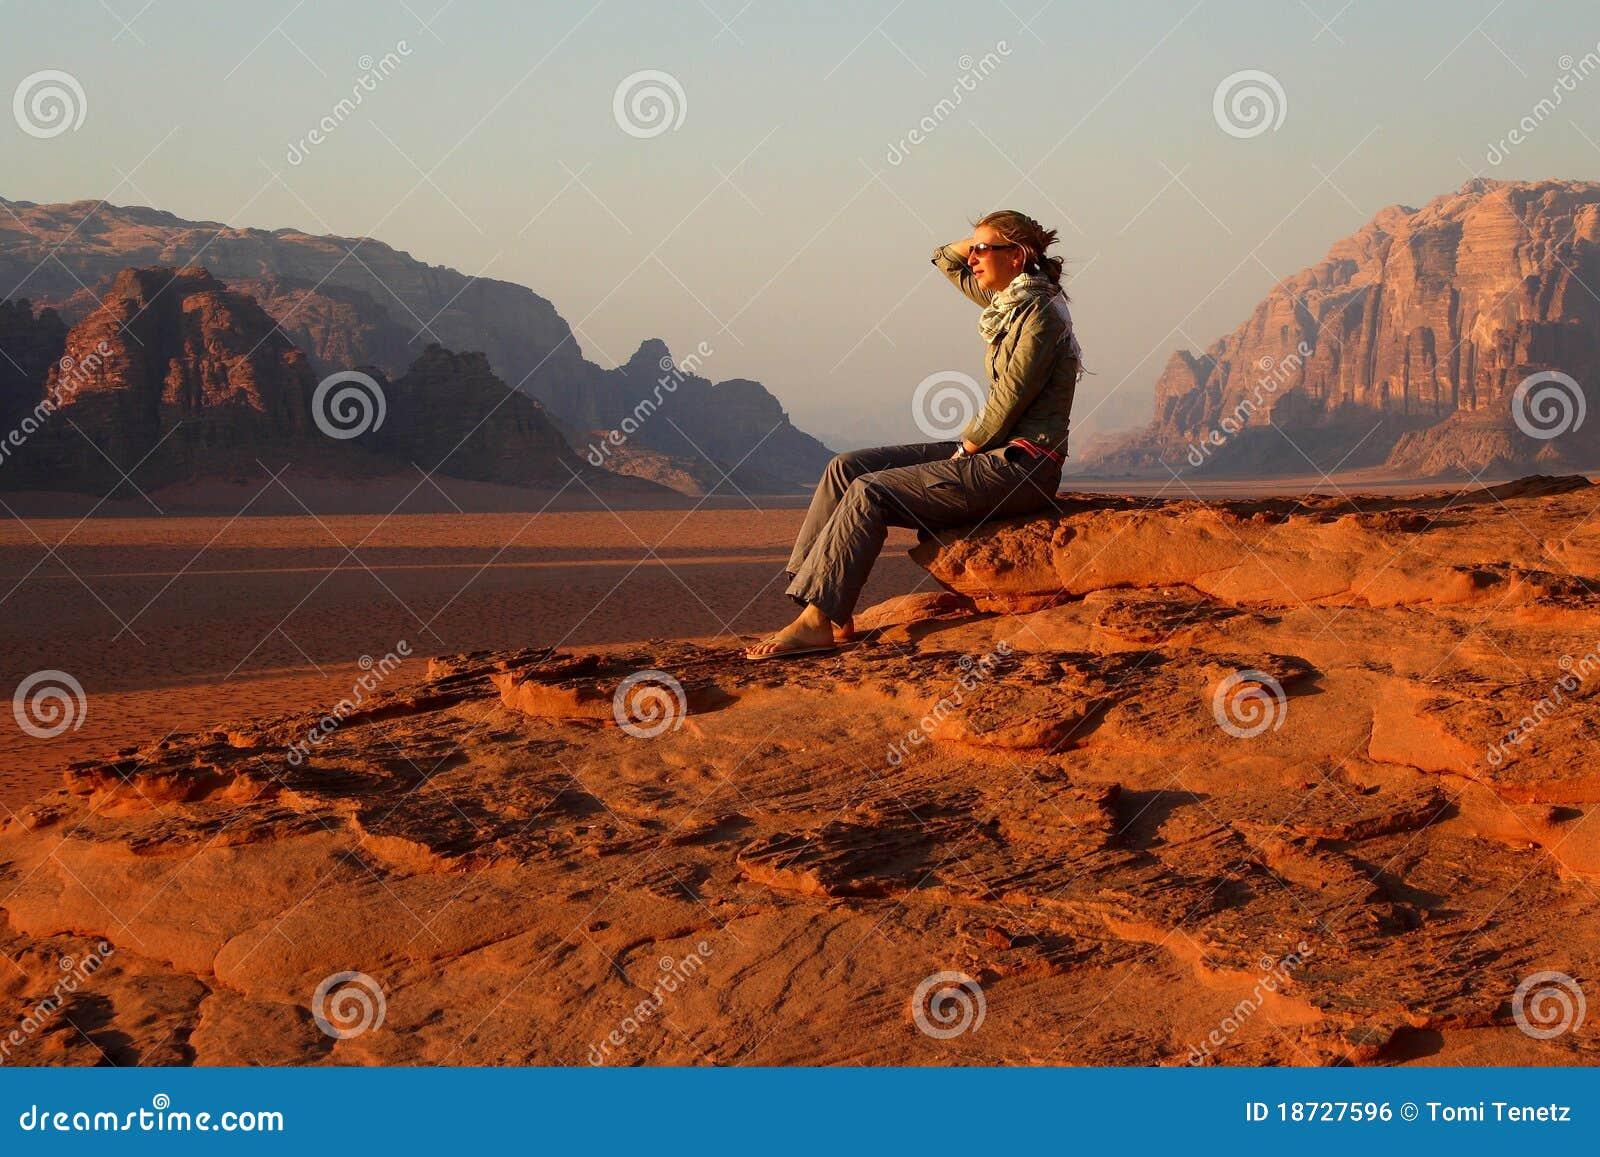 Jordan: Tourist in Wadi Rum